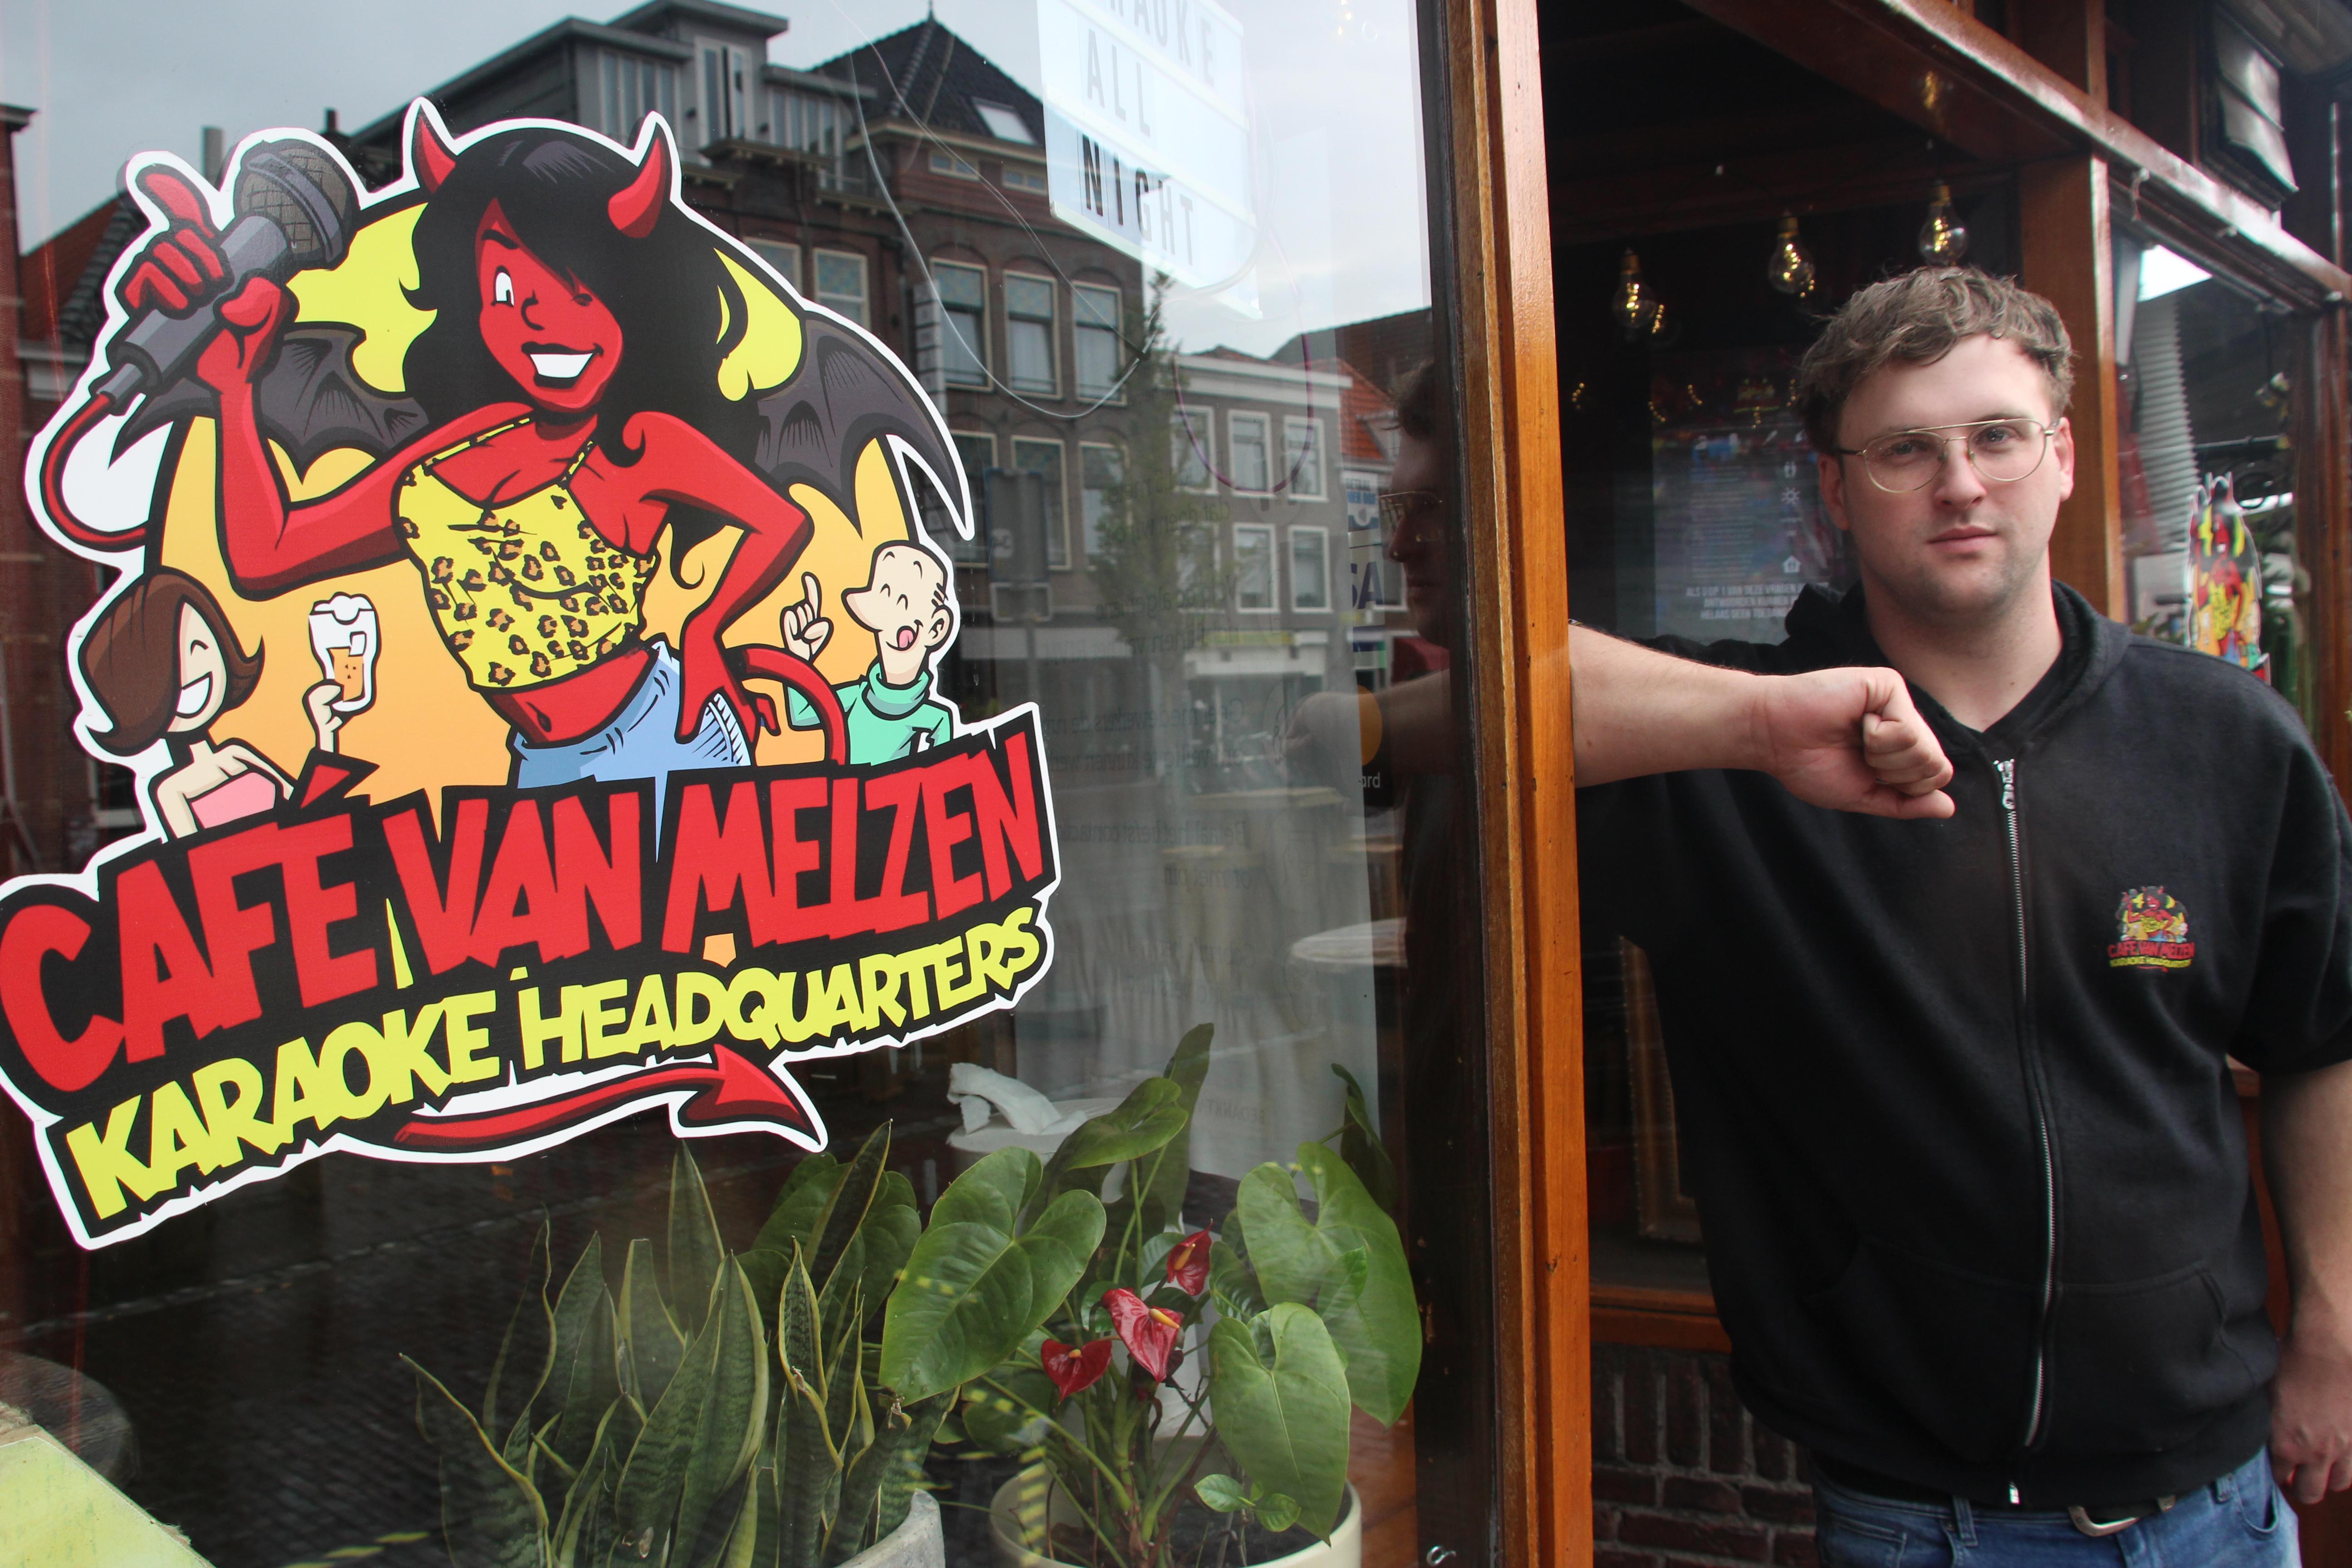 Café 't Centrum van Melzen verbijsterd over coronasluiting: 'Wij hebben ons aan de regels gehouden'